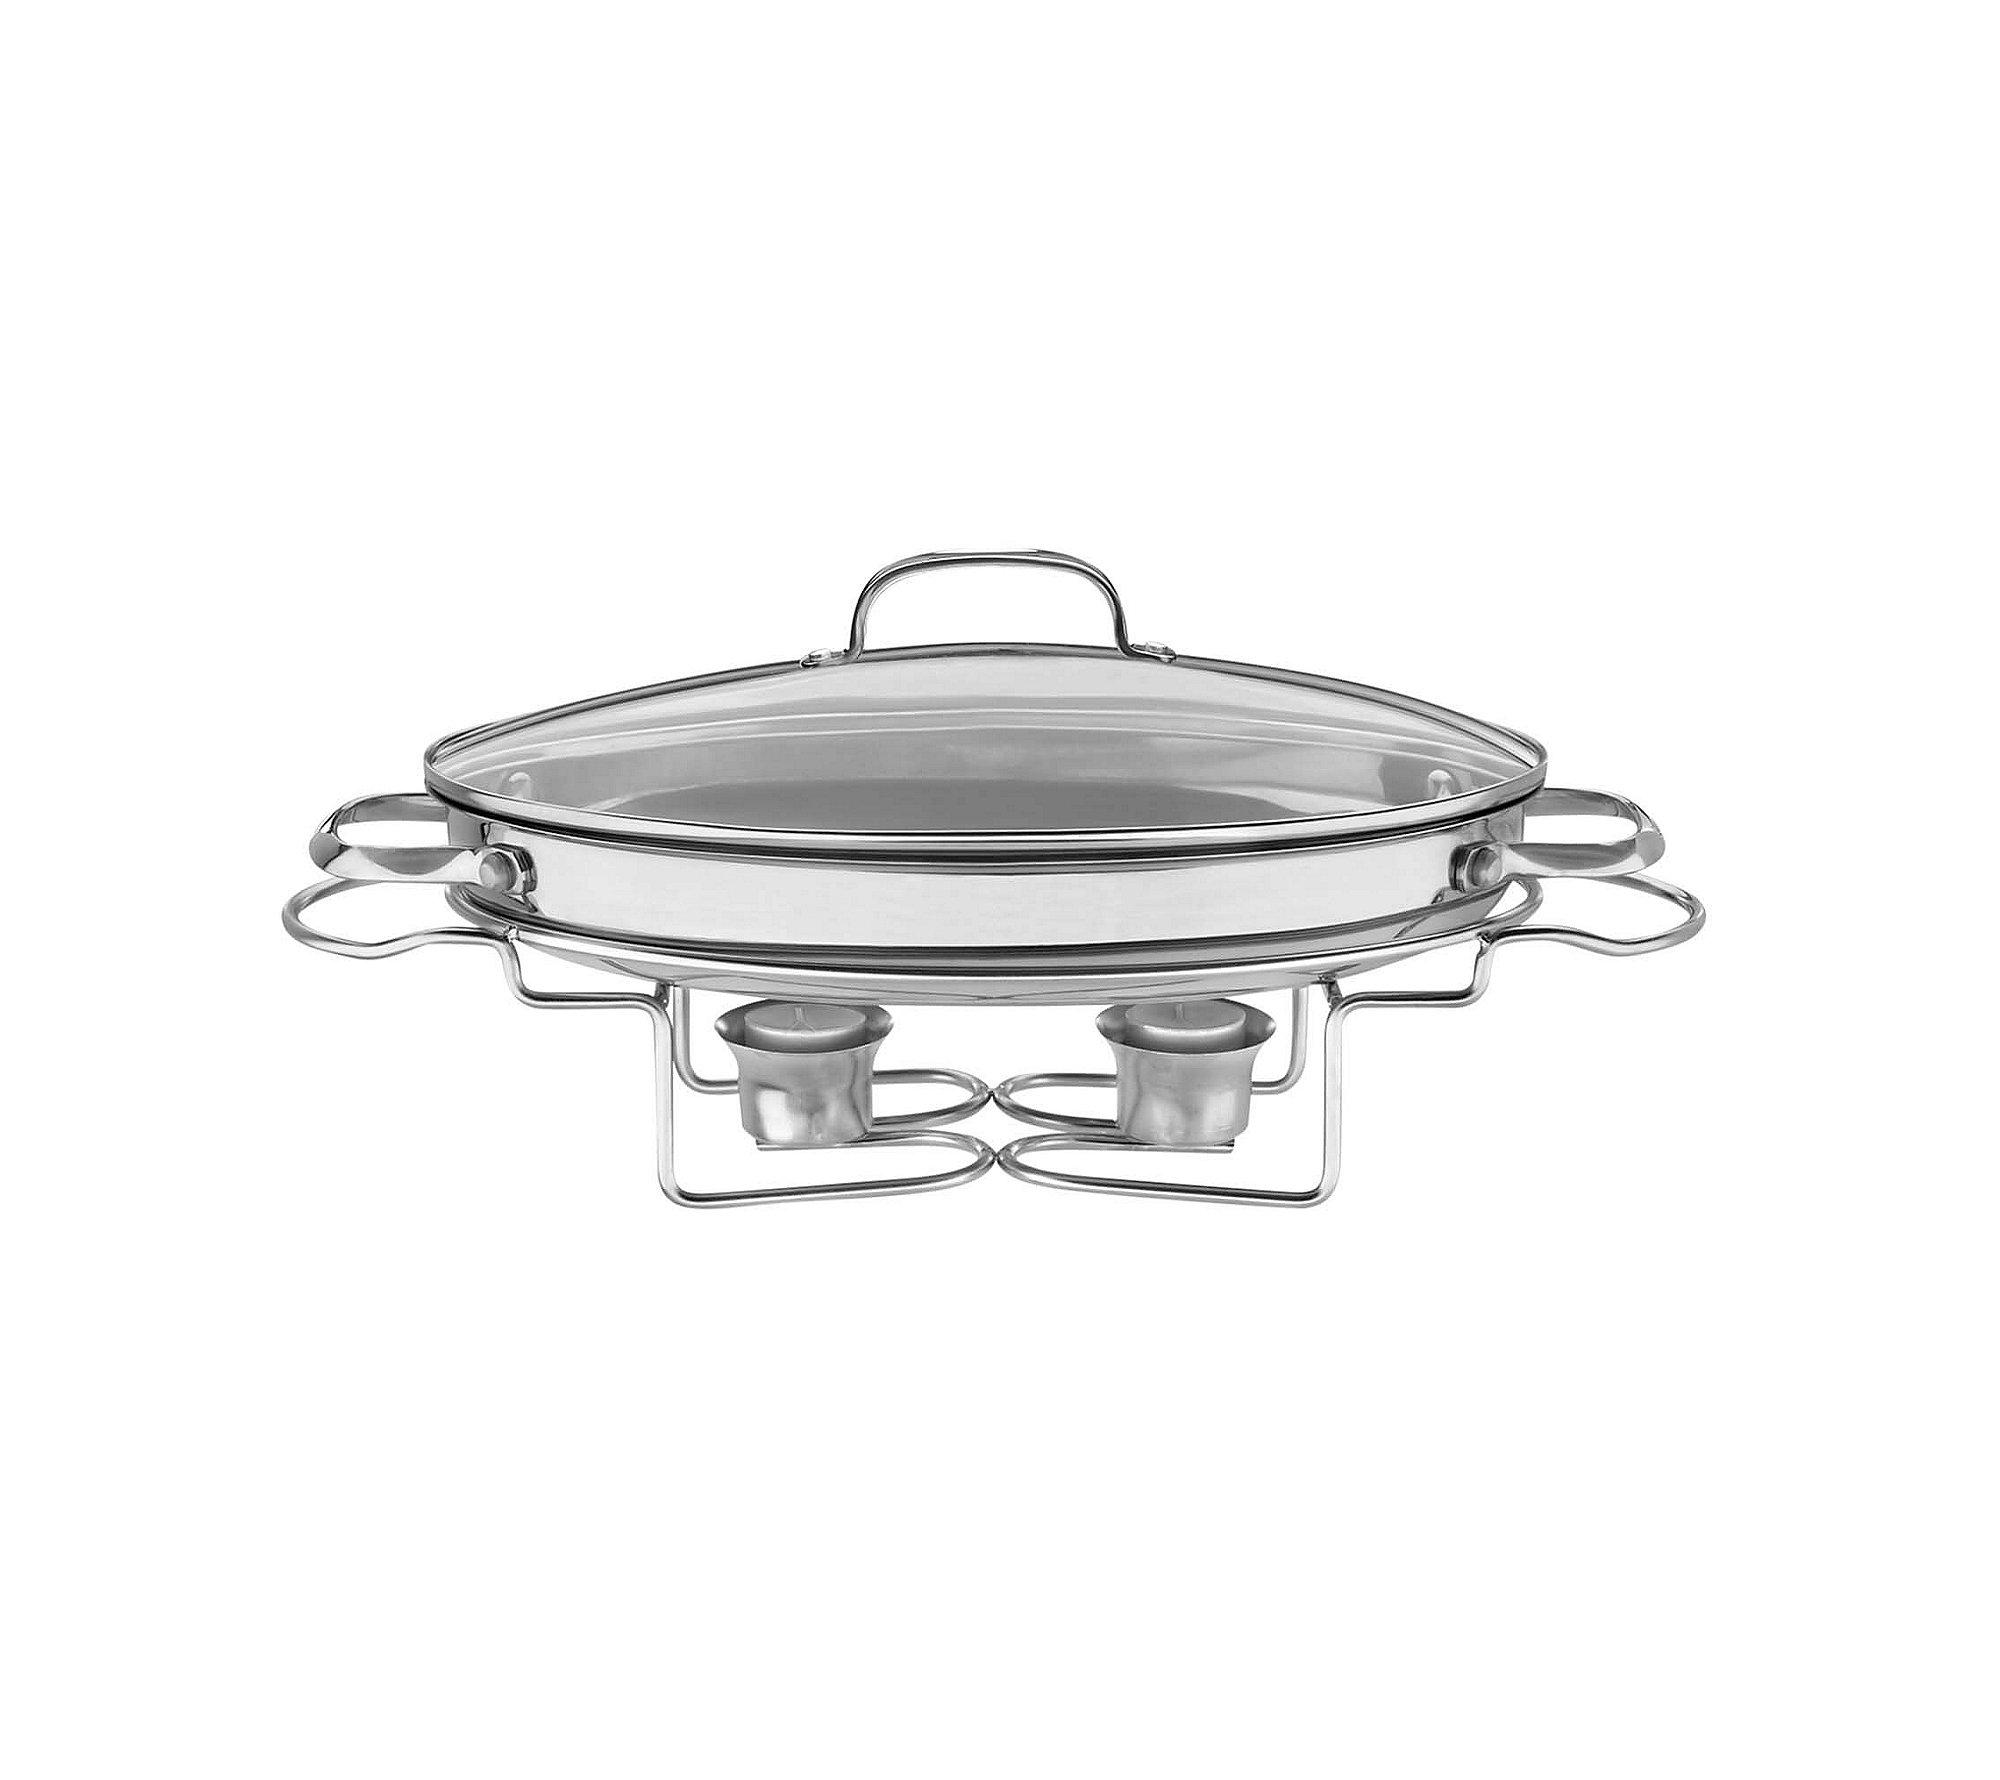 Cuisinart 13.5'' Oval Buffet Server